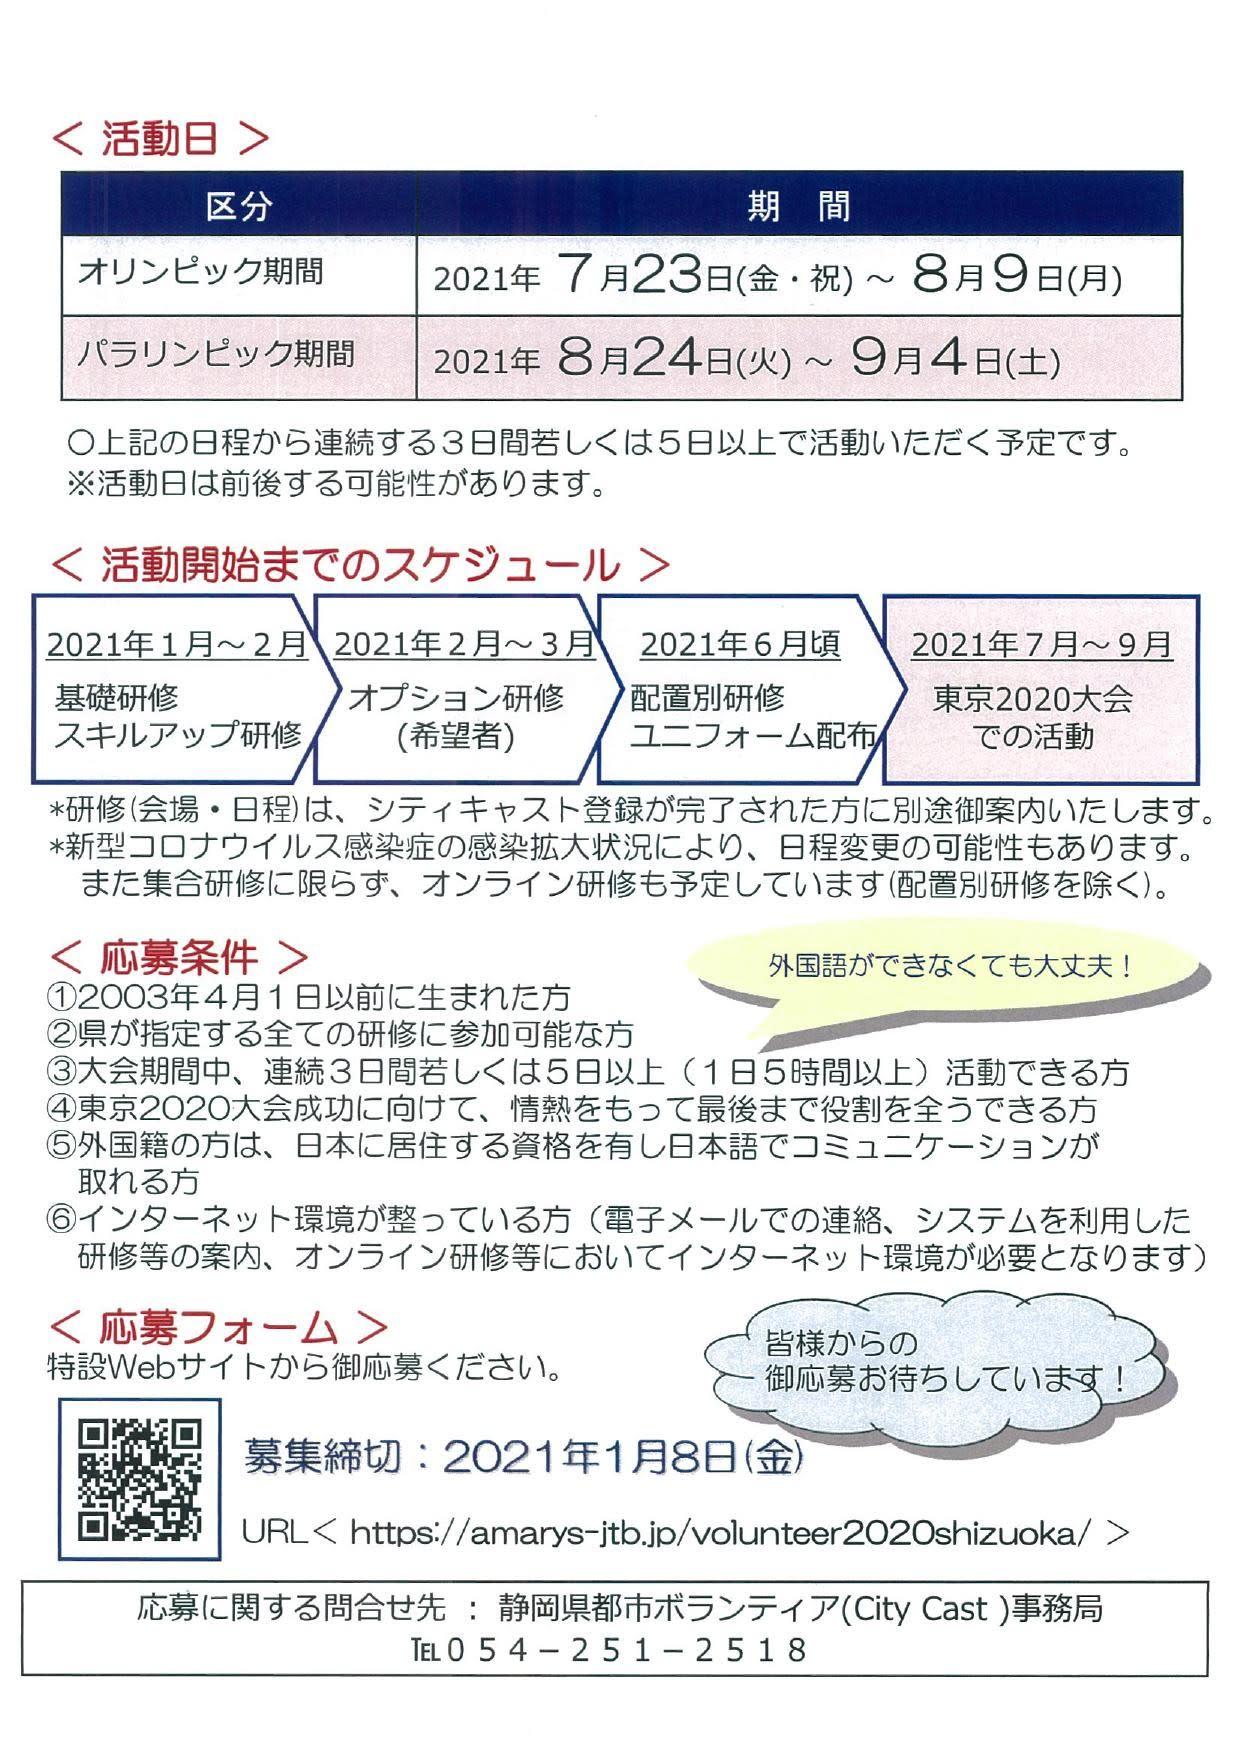 オリンピック 期間 2021 IOCバッハ会長来日。2021年東京オリンピック開催の可否は?